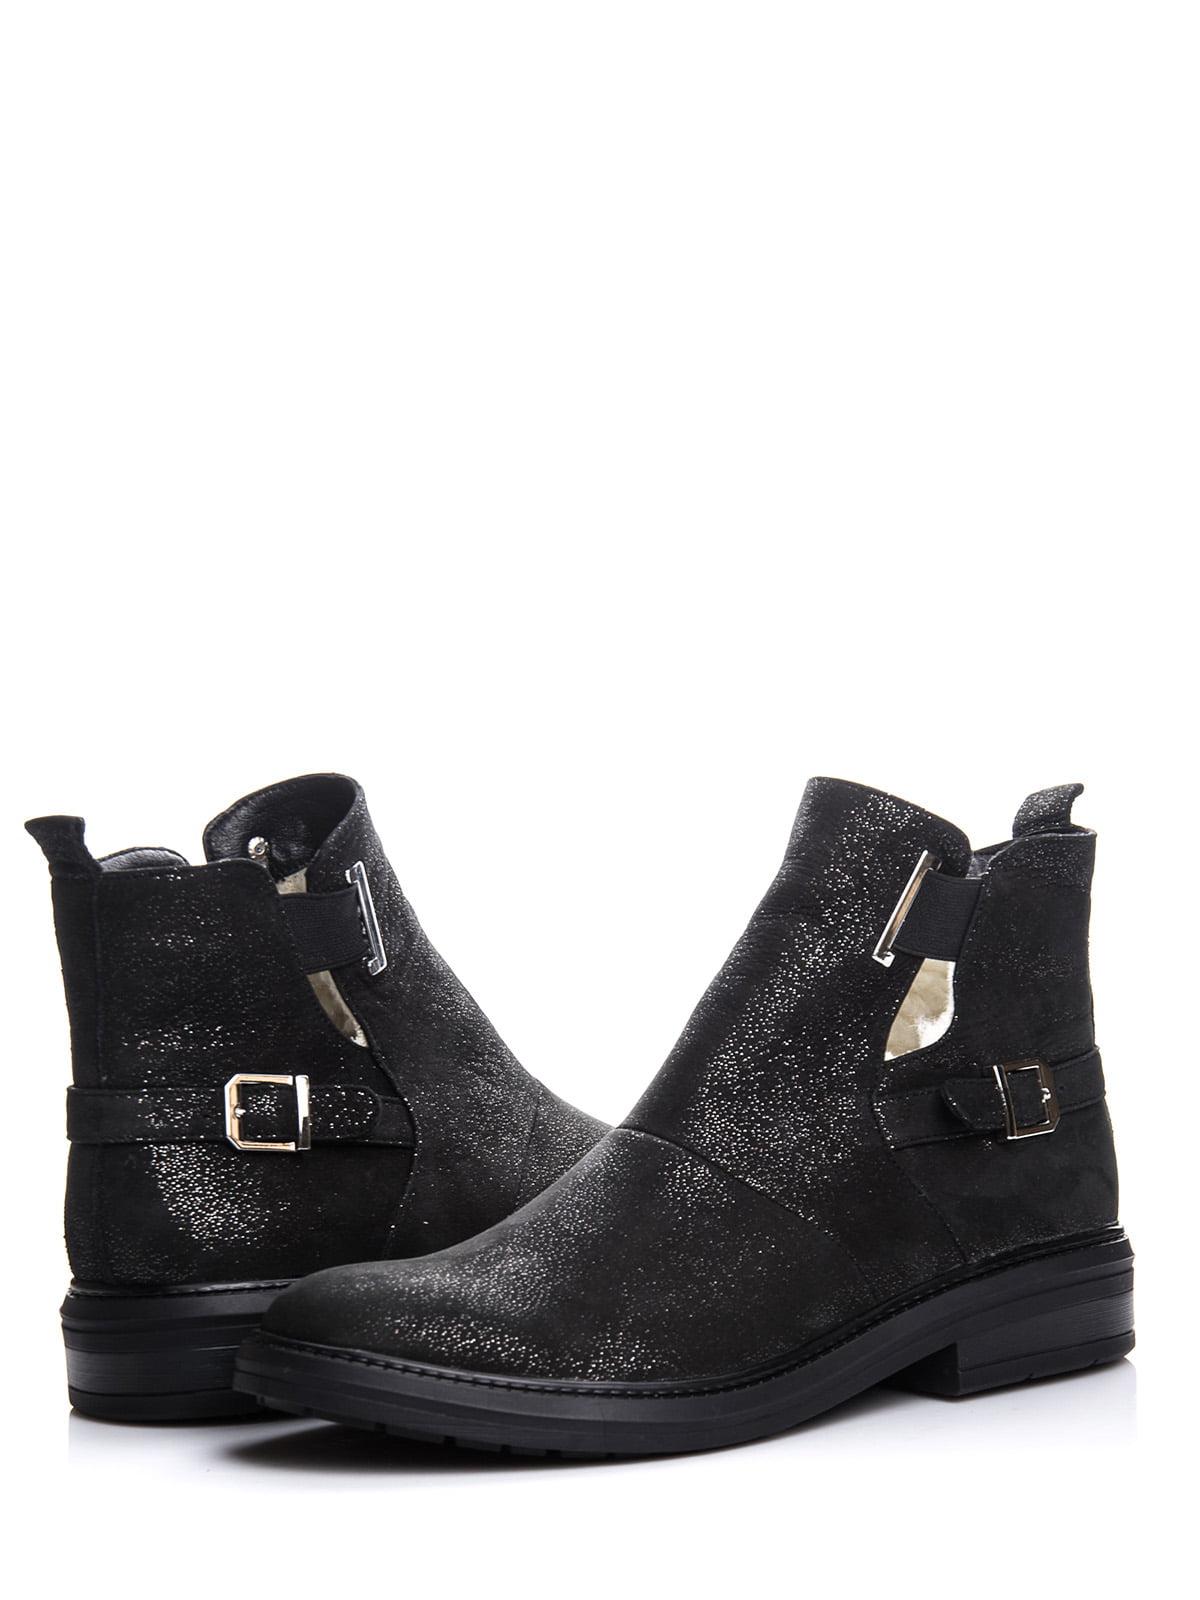 Ботинки черные с блеском | 4643286 | фото 2